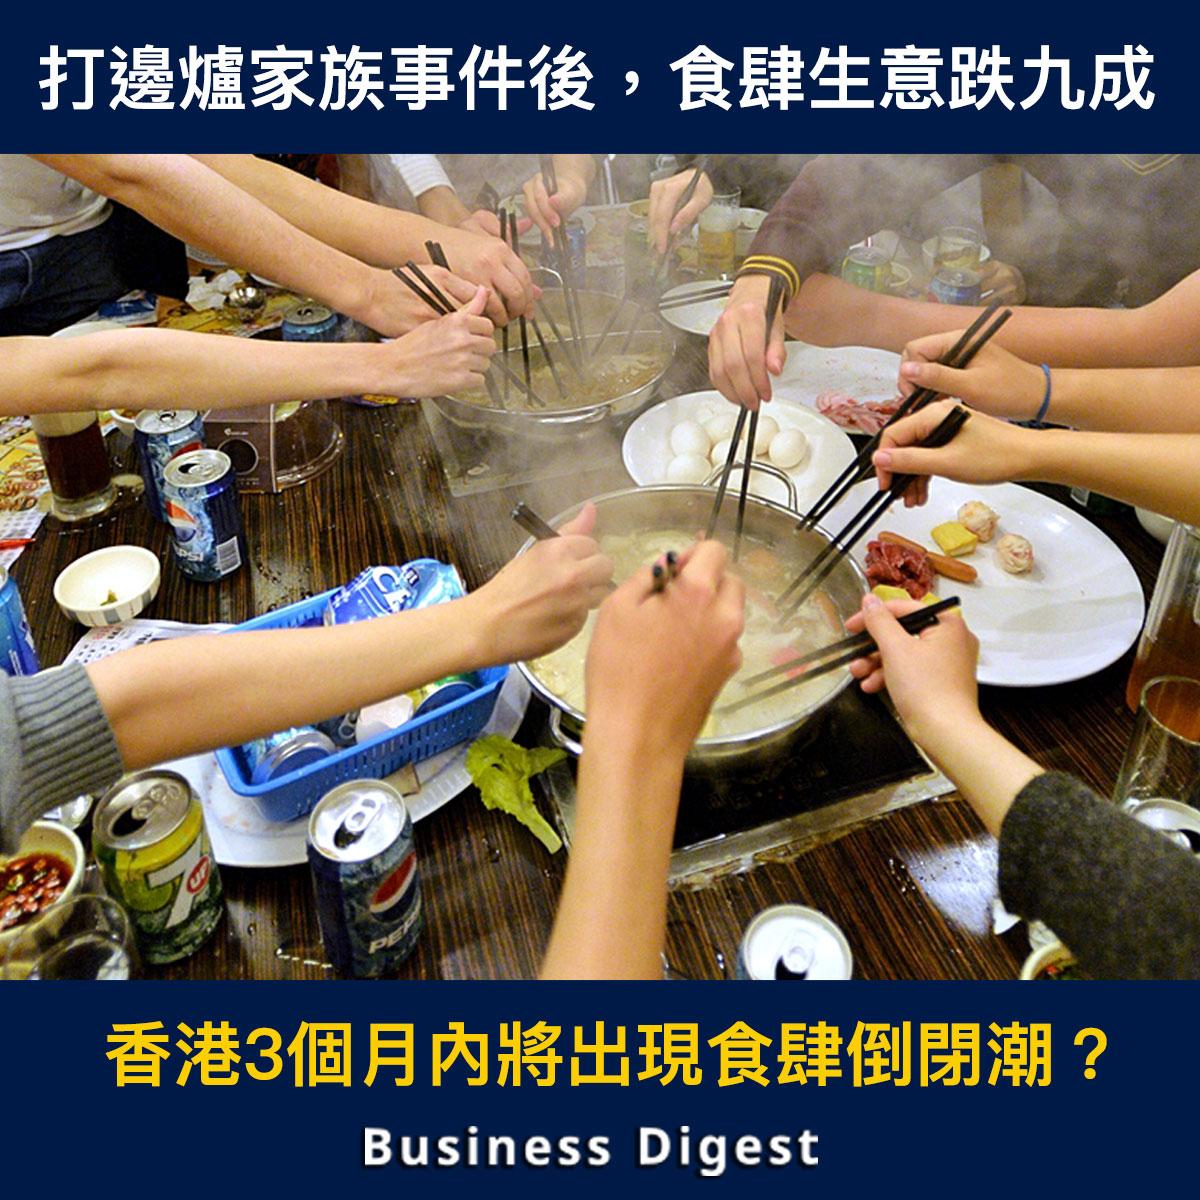 【武漢肺炎】打邊爐家族事件後,食肆生意跌九成